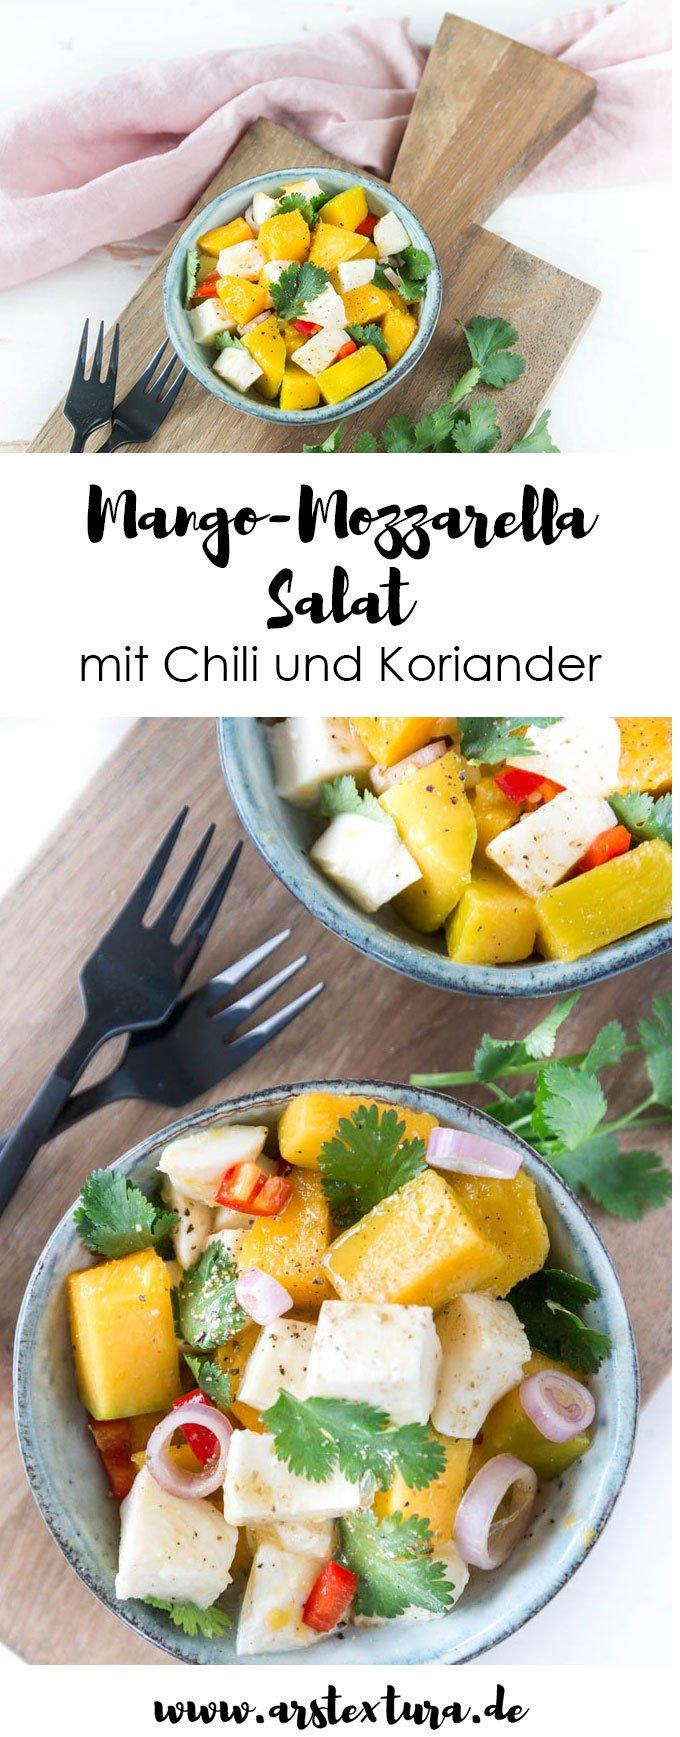 Rezept Mango Mozzarella Salat - genau das richtige für die nächste Grillparty und das perfekte Soulfood für Fernweh im Winter | ars textura - DIY Blog